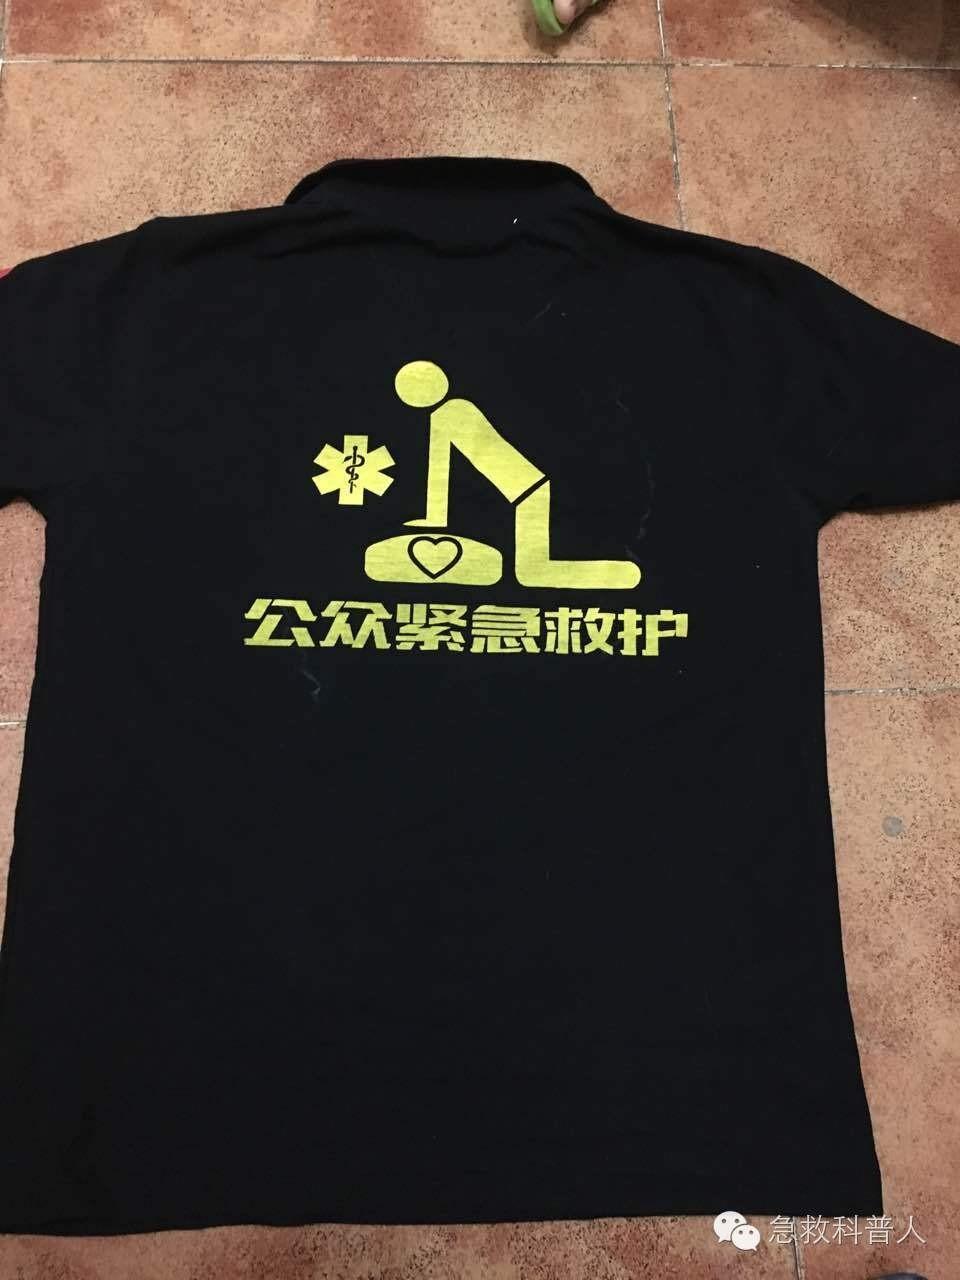 一一最后用中国心胸血管麻醉学会急救与复苏分会-公众紧急救护服务队发给每个队员的感谢信作为本文的结尾。